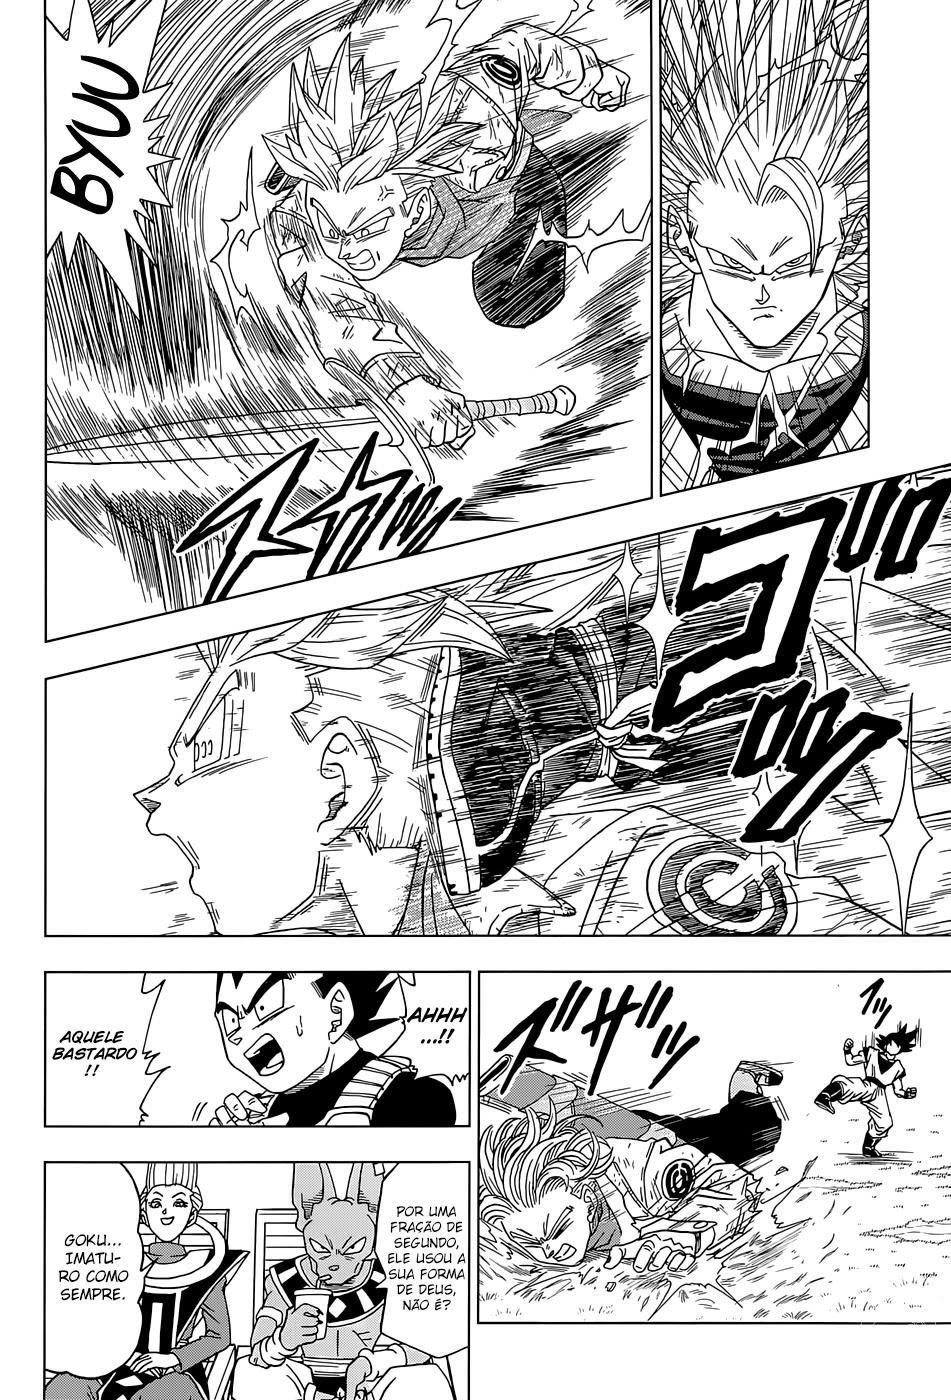 Faz sentido os Fans de Animes Falarem que se Personagem Fraco Vencer Alguém que destrói uma Montanha ele Também destrói uma Montanha? Trunks12